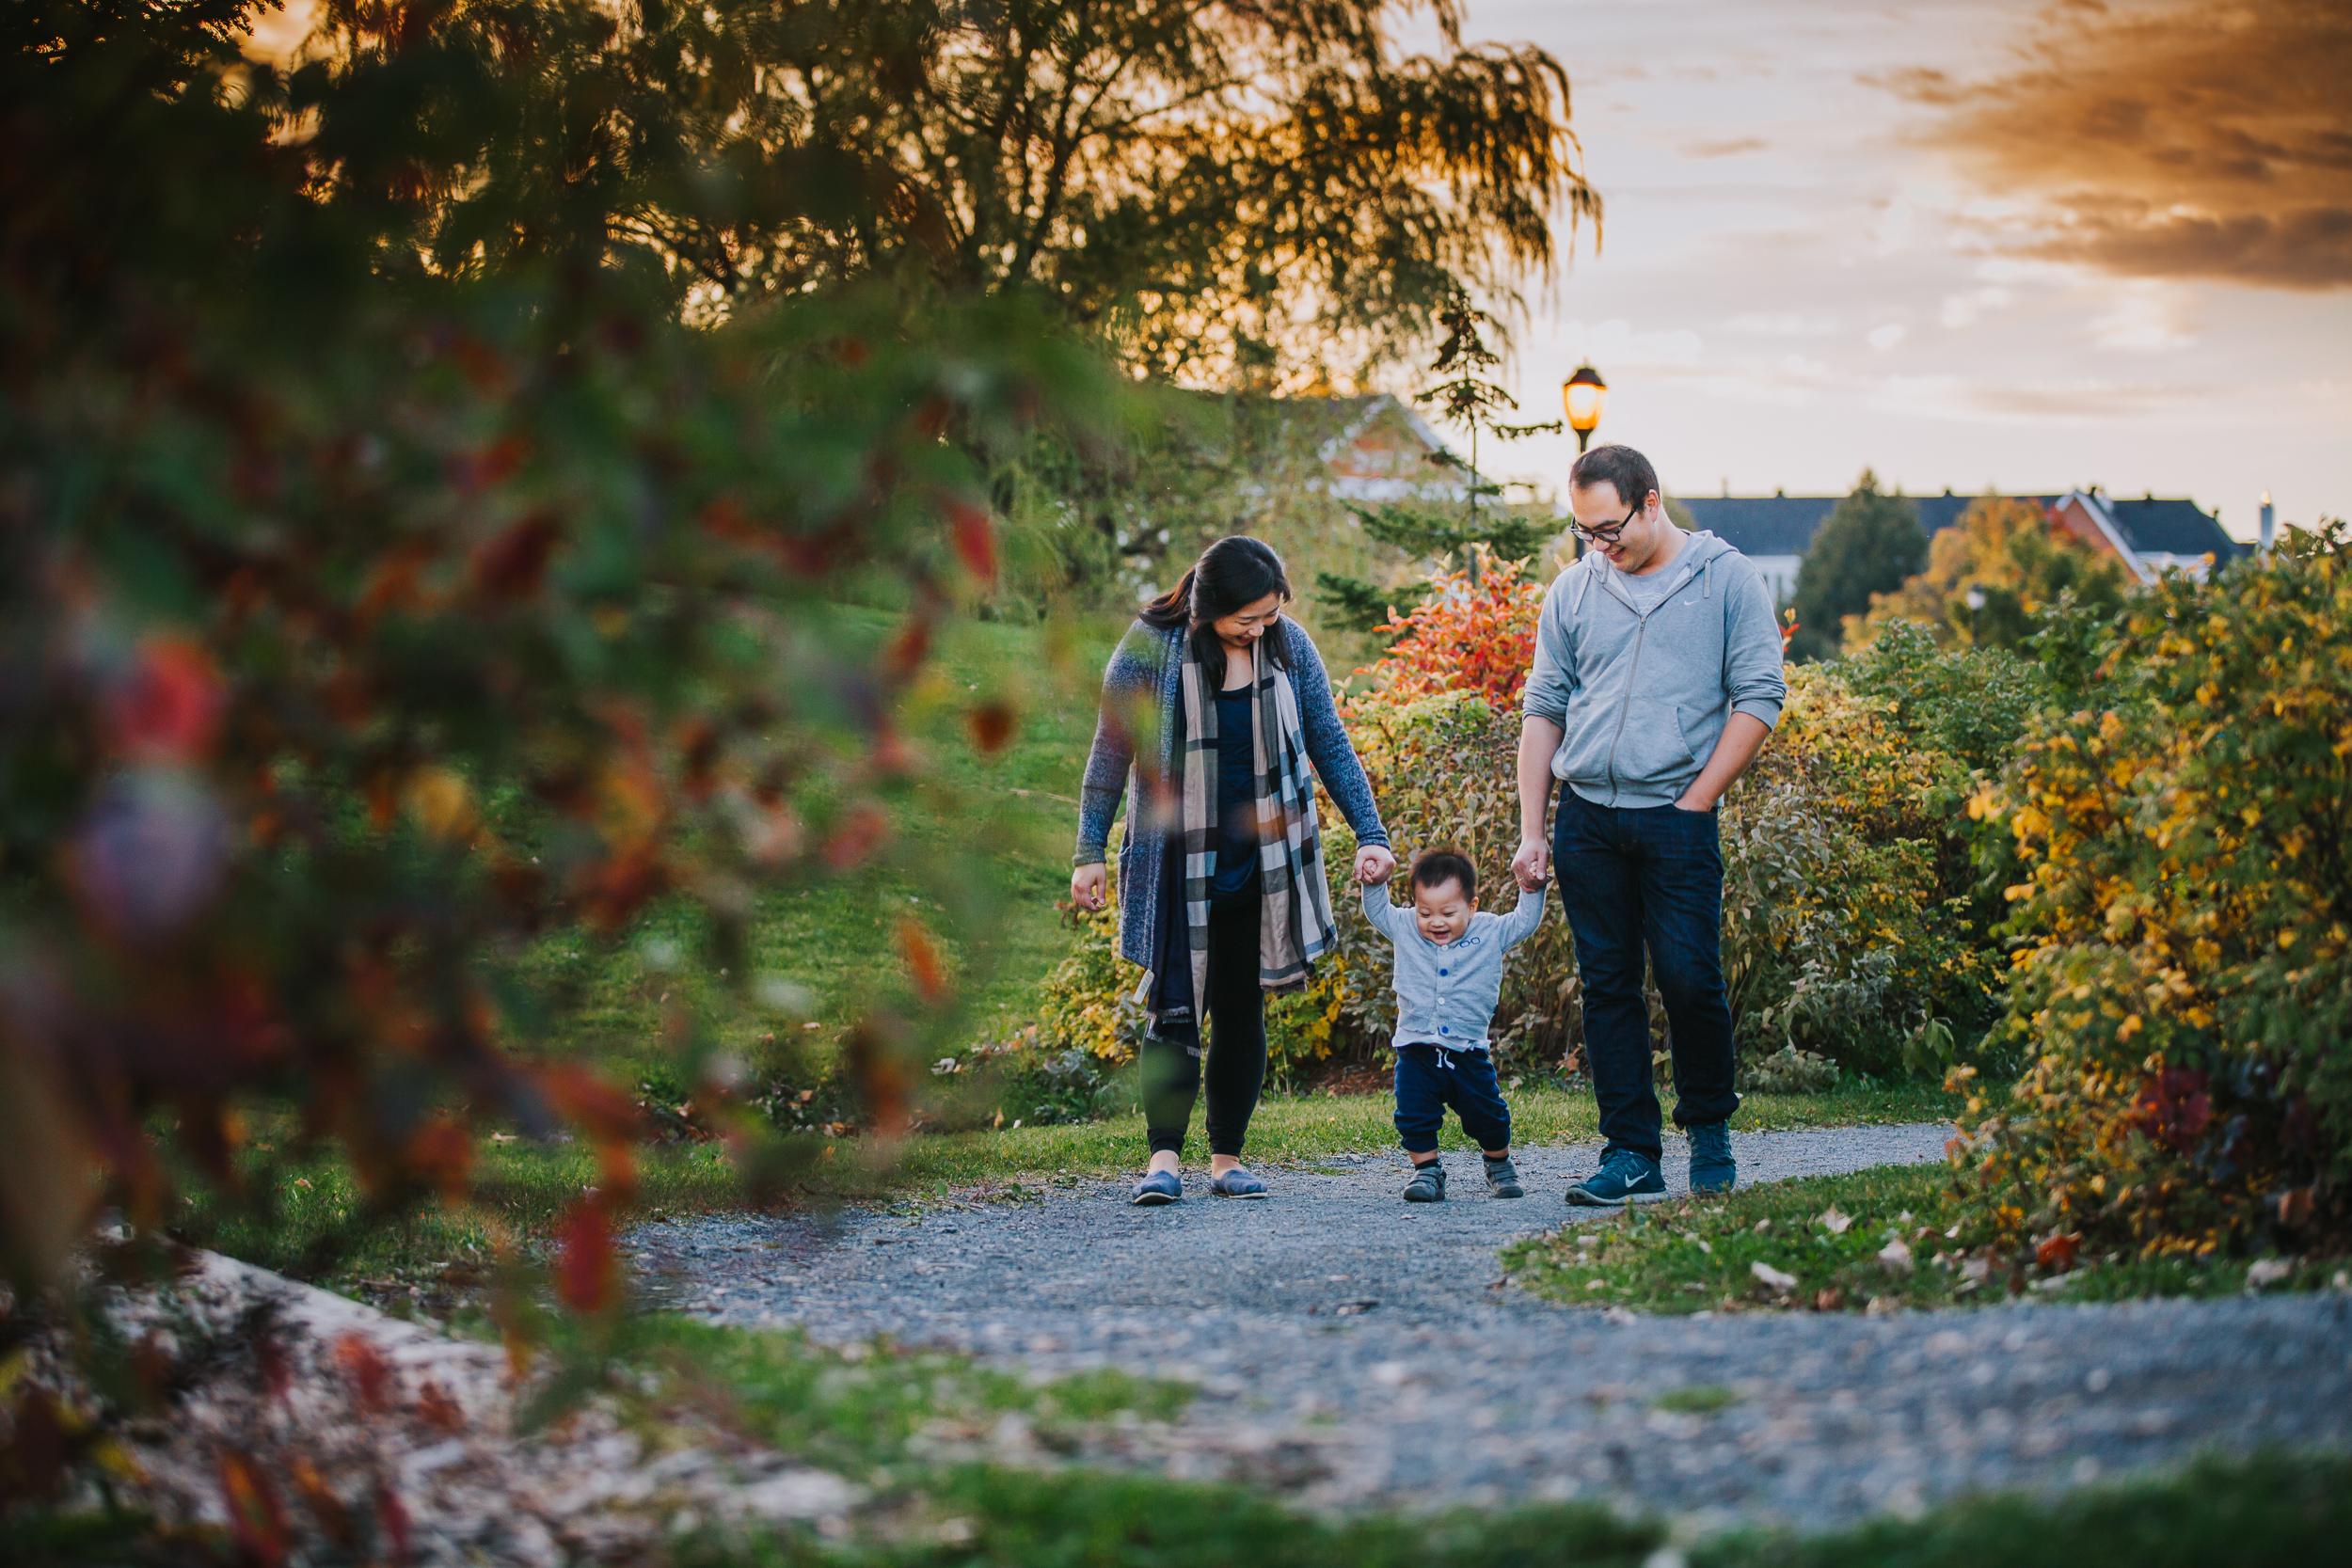 Montreal-baby-children-photographer-Studio-Wei-171022-20.jpg